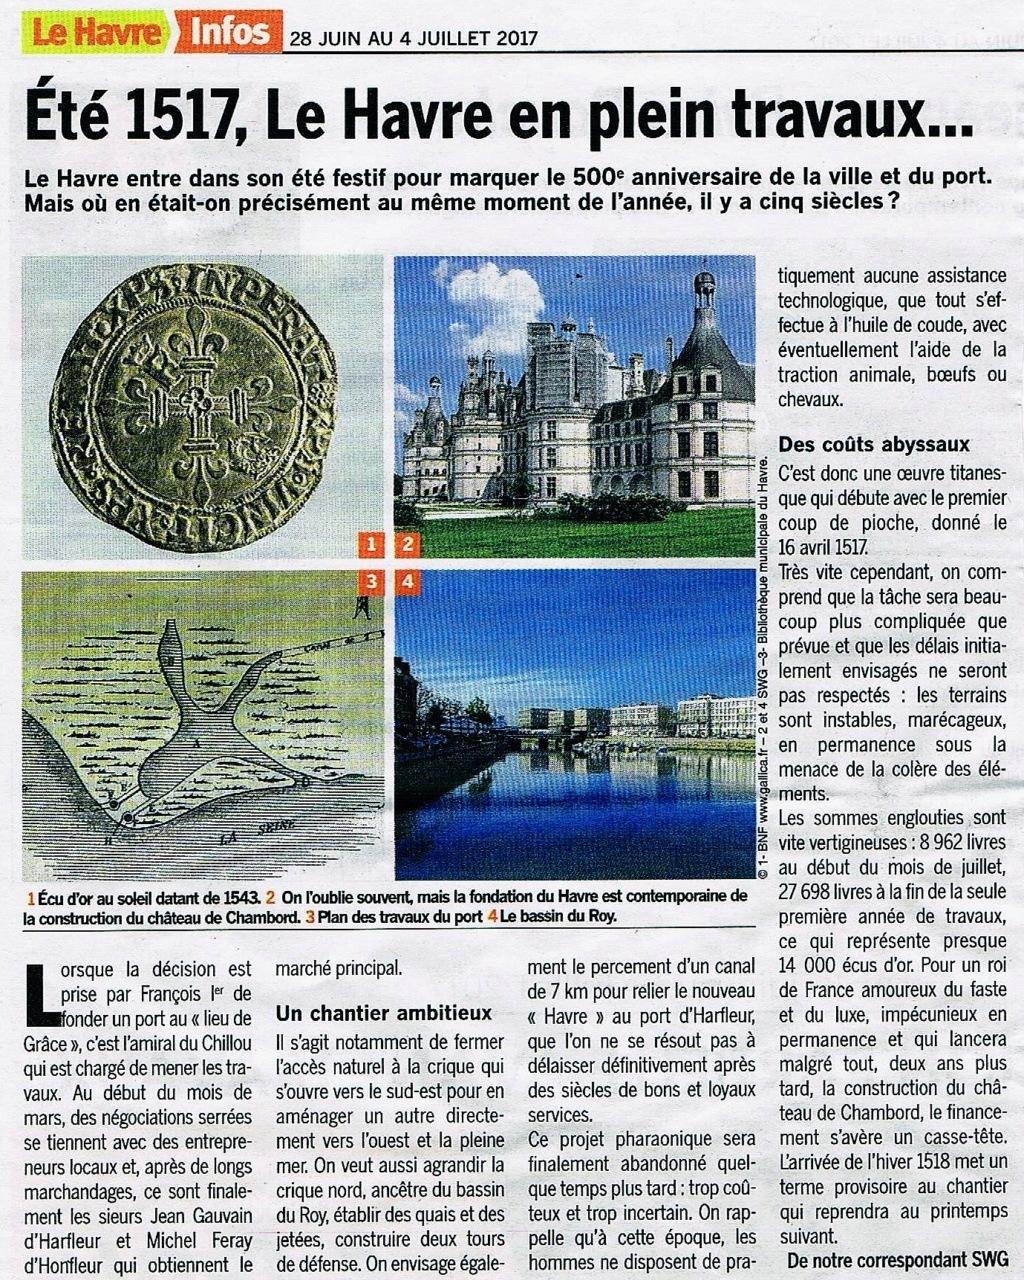 Havre - Été 1517, Le Havre en plein travaux ... 2017-044